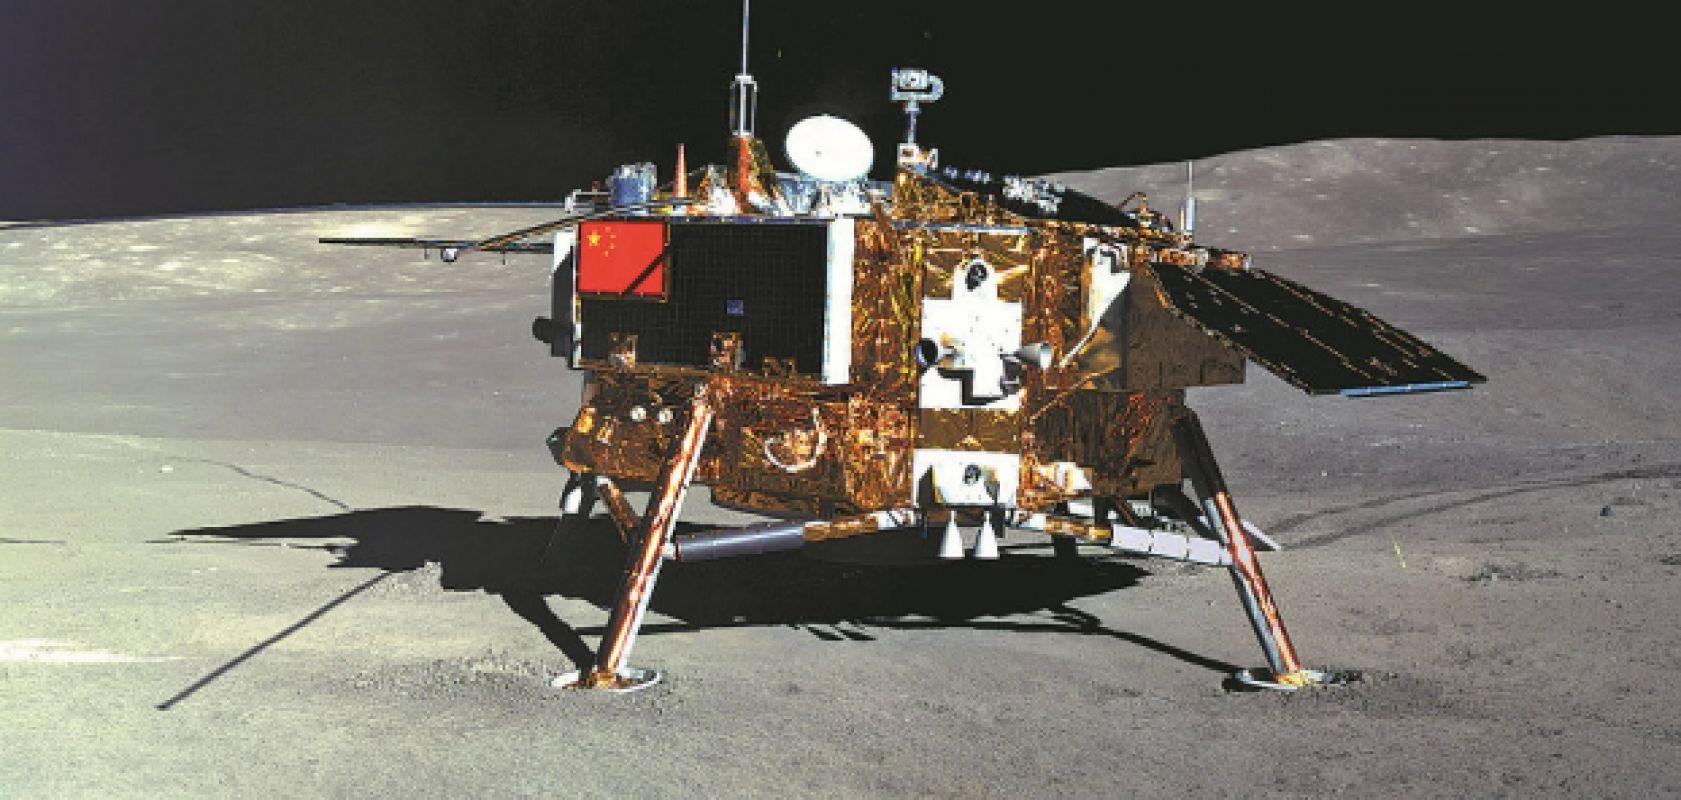 Китайцы рассказали об очень важной находке на обратной стороне Луны